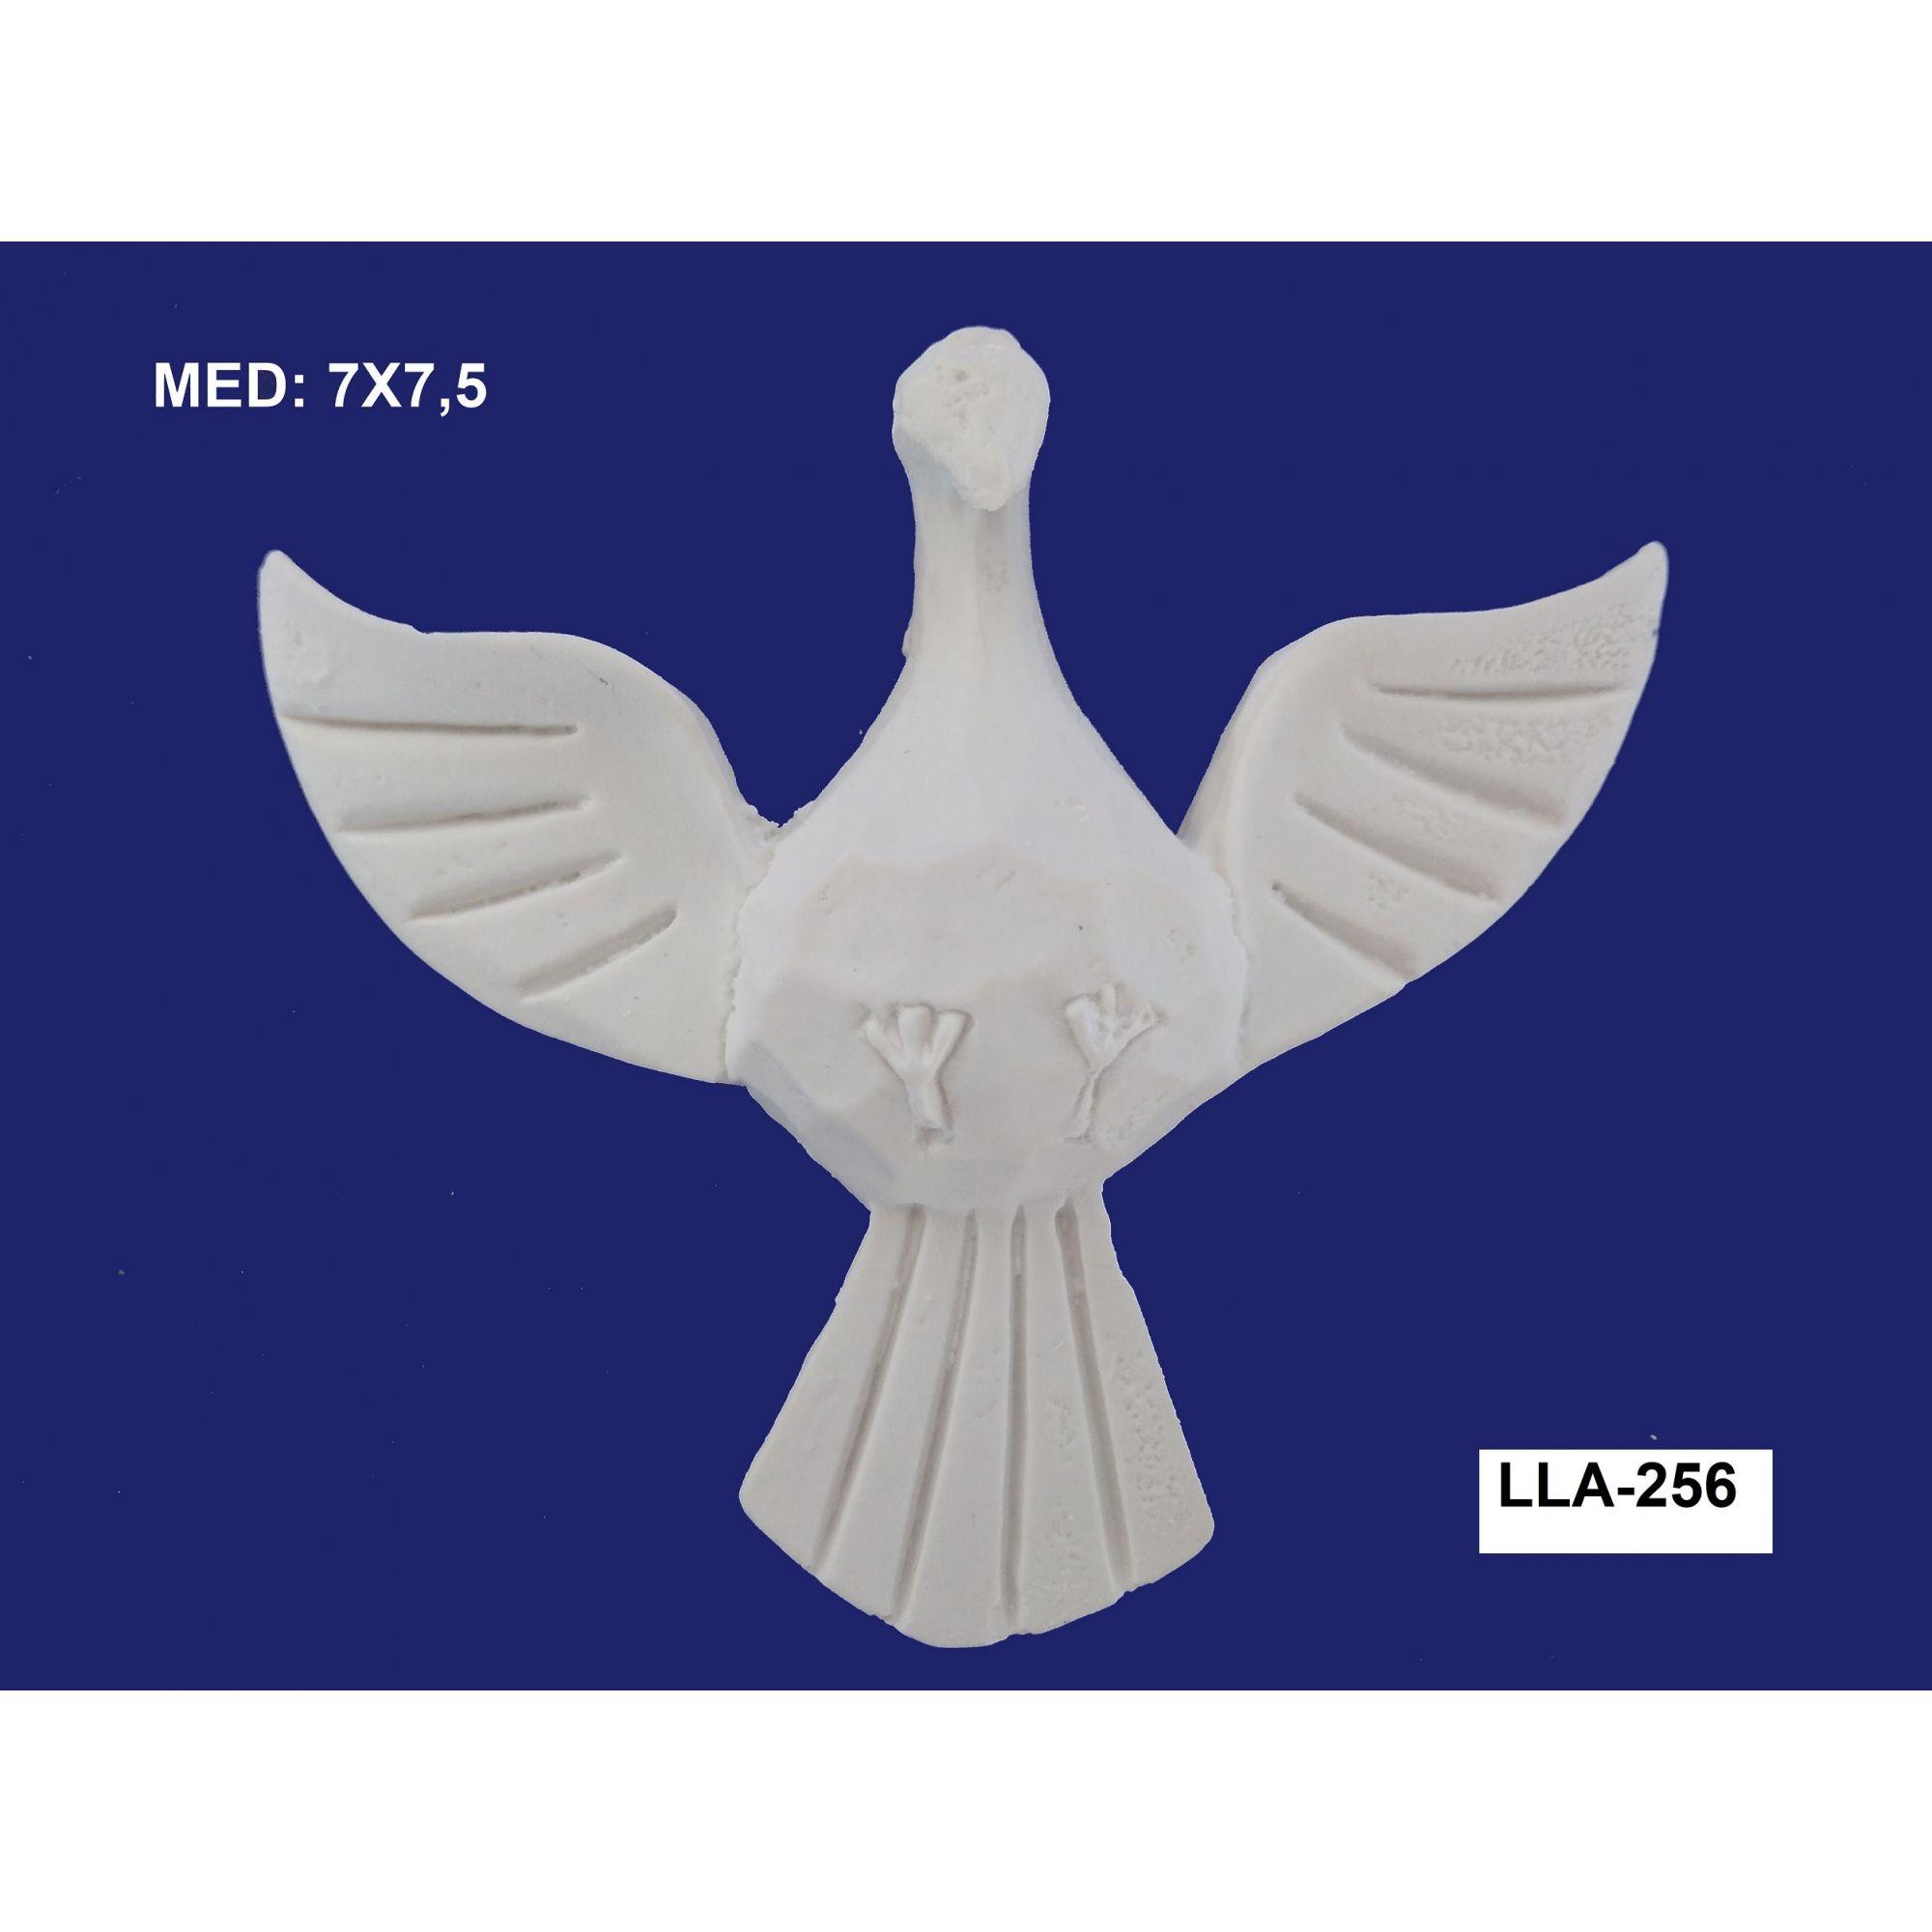 LLA-256 APLIQUE DIVINO 07X7,5CM